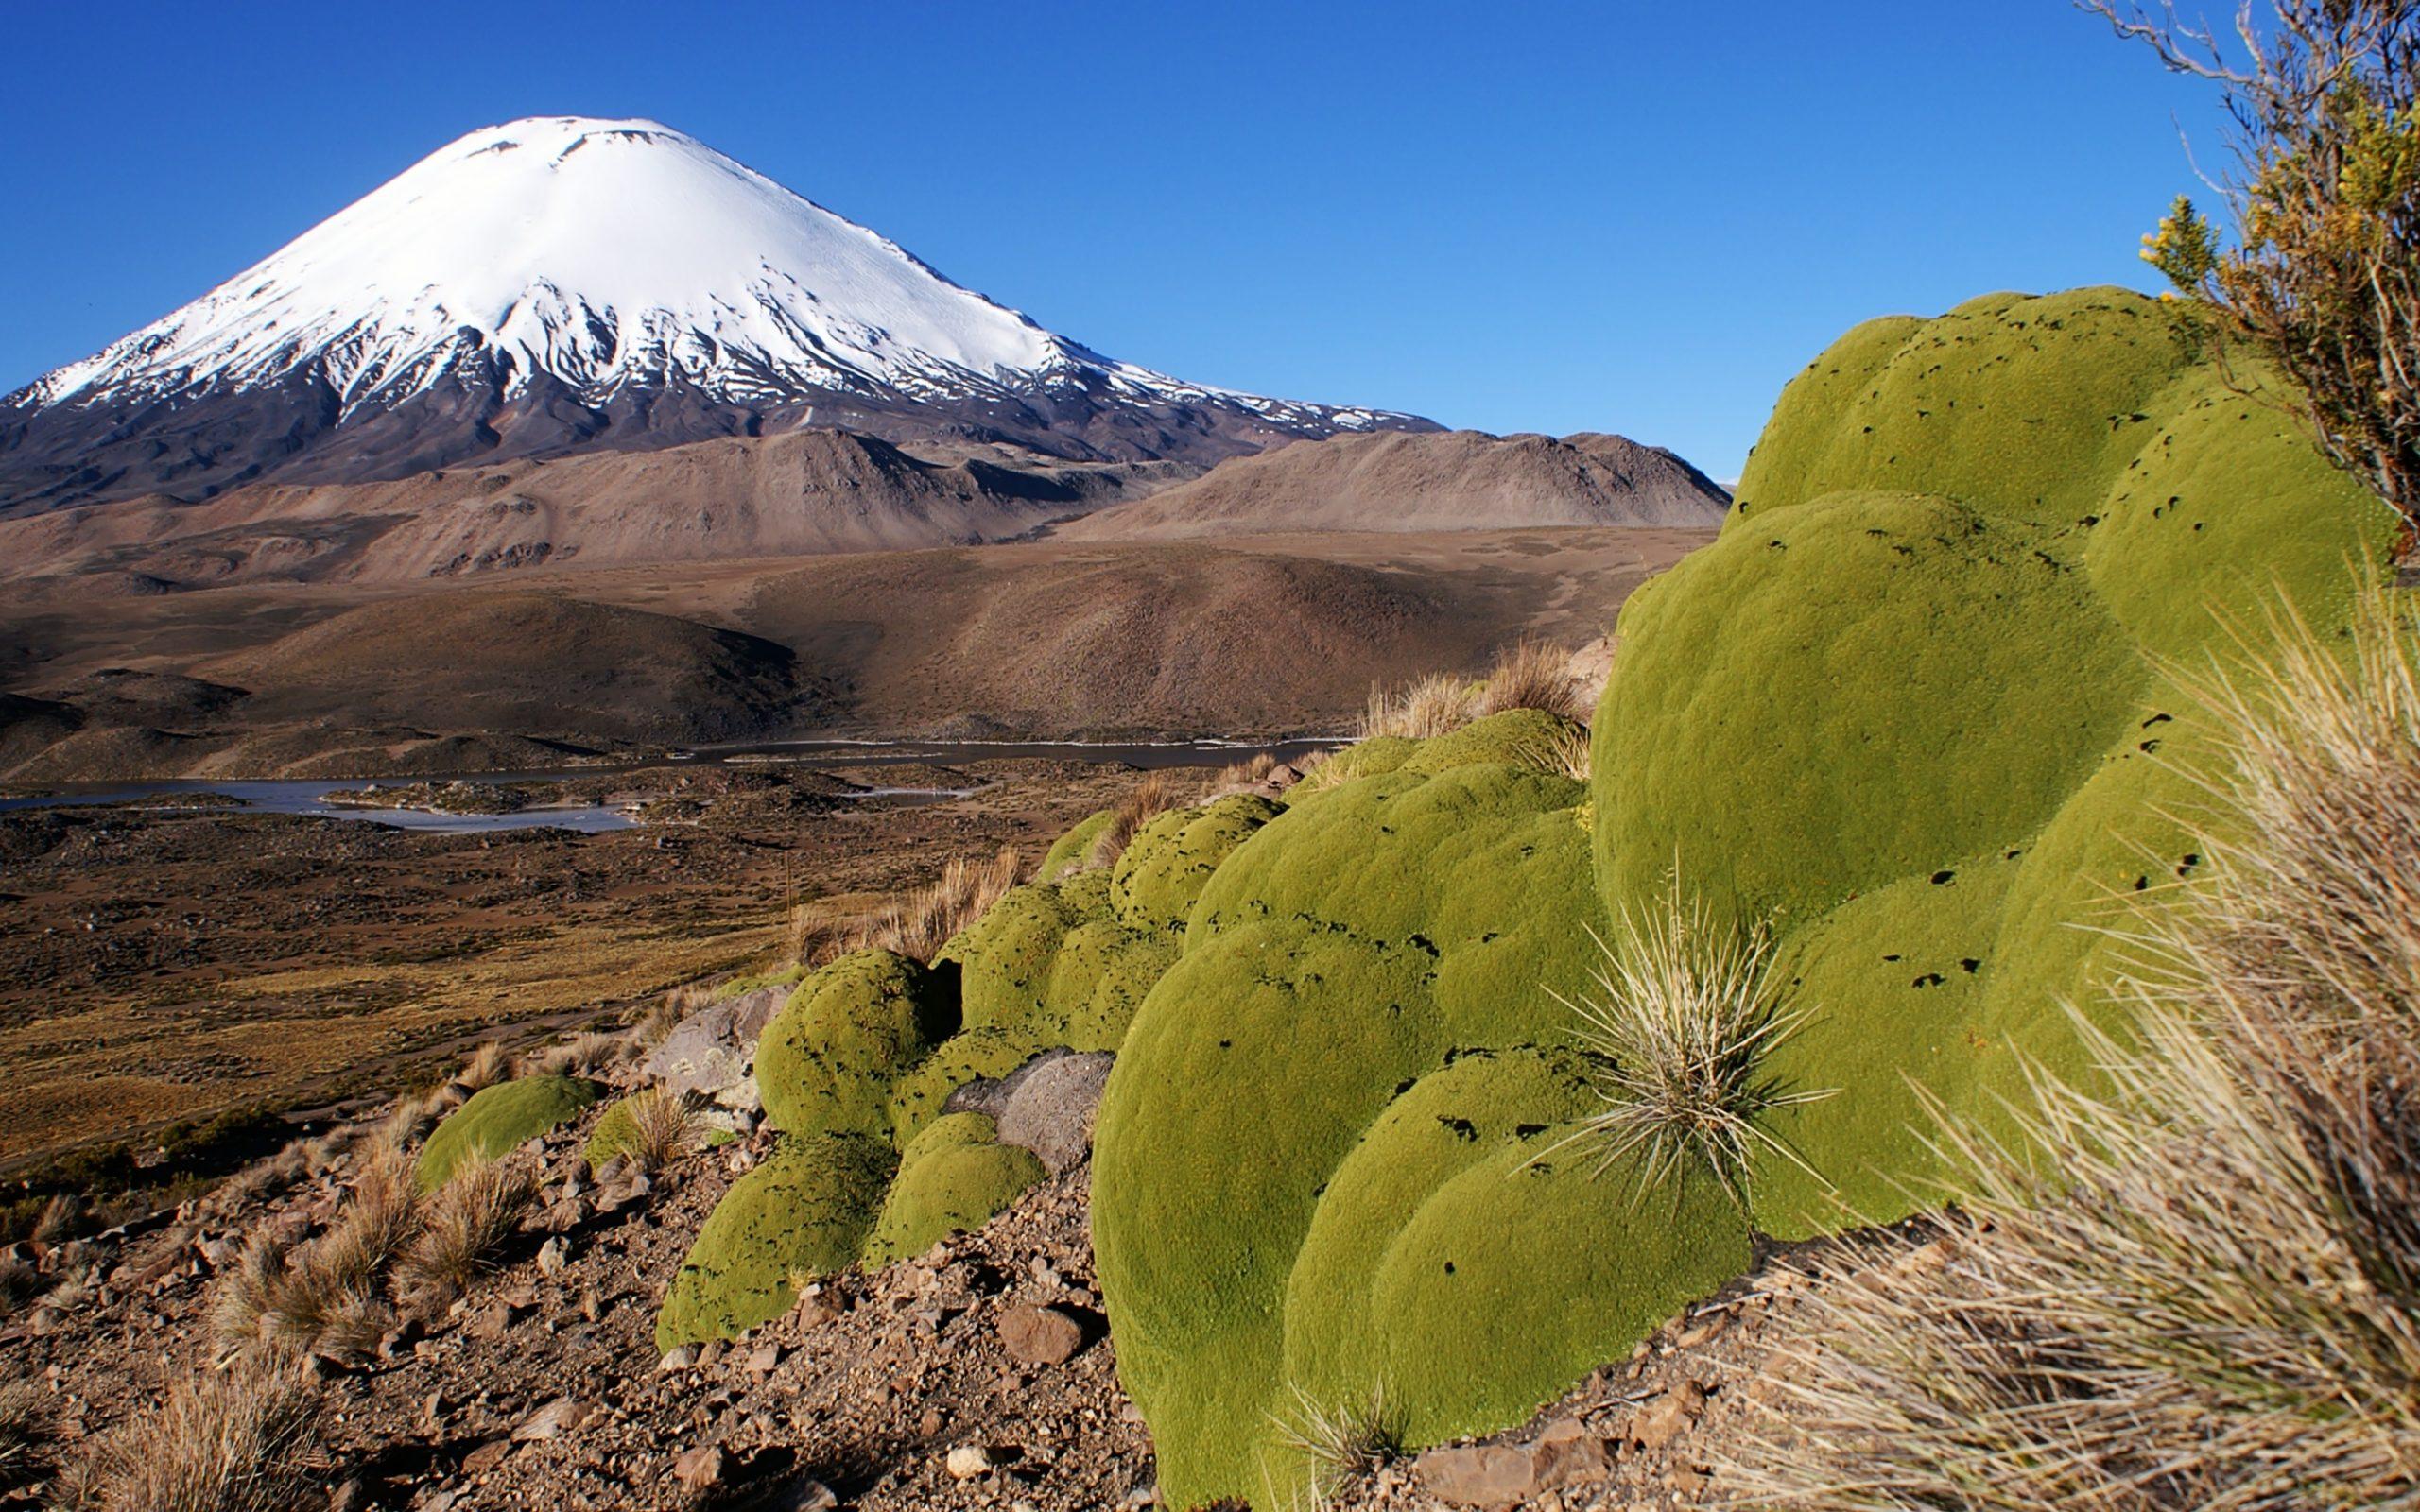 La Llareta, extraordinaire plante des Andes et modèle d'adaptation